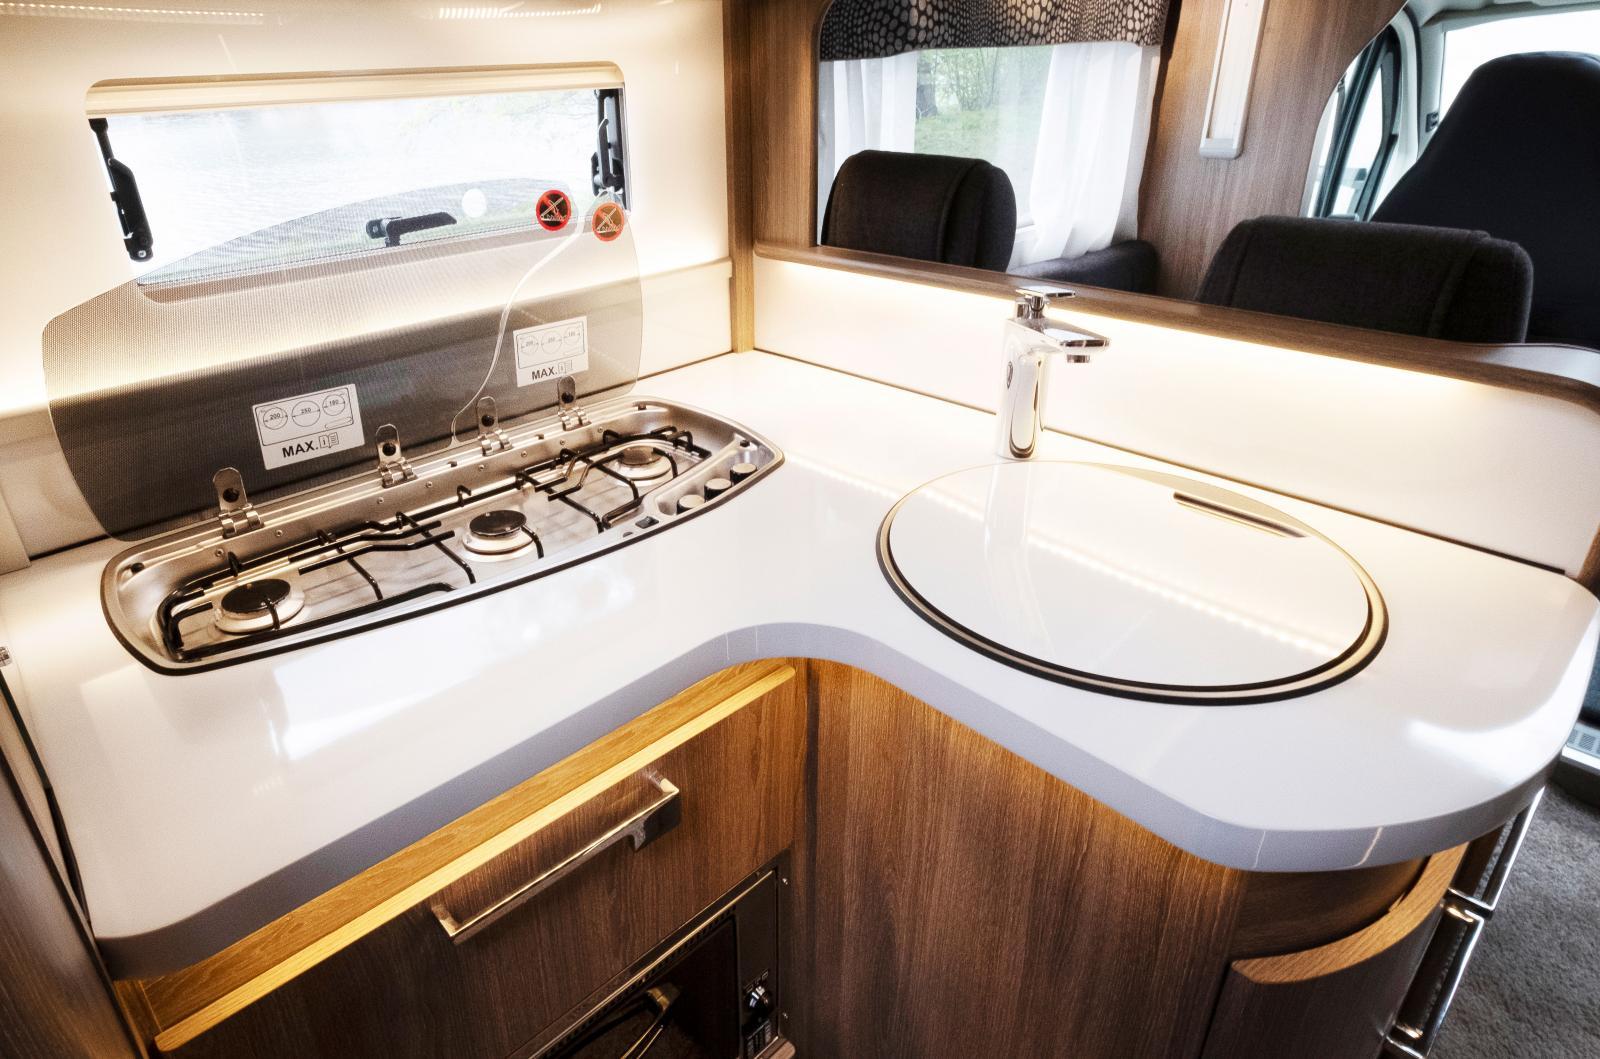 Ett ganska rejält kök för att vara en husbil och gott om avställningsyta framför spislågorna. Den glasliknande ytan är en illusion som utgörs av ett tunnt plastskickt på bänkskivan. Smart och lätt!